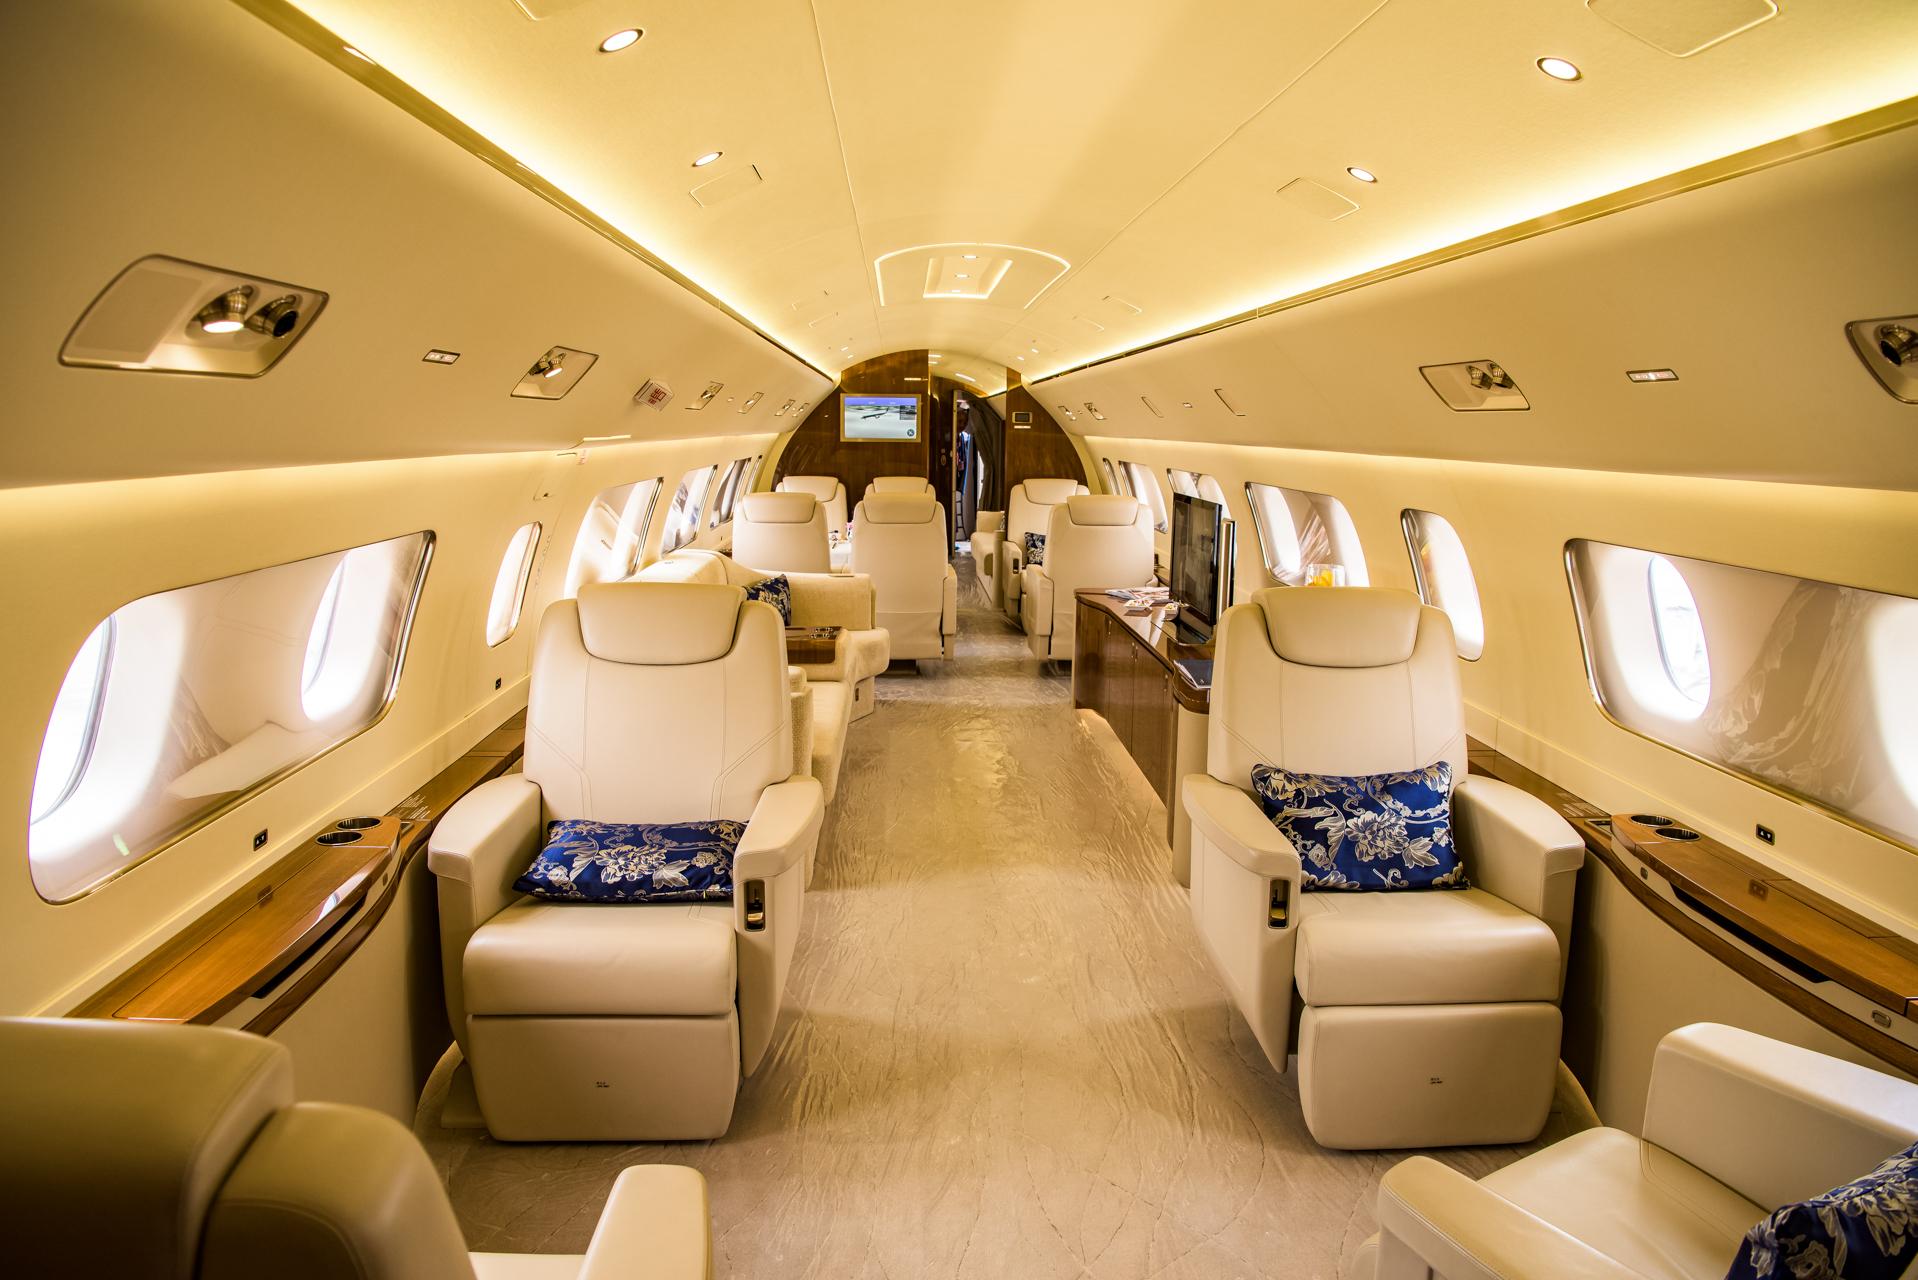 """现在,让我们把目光转向湾流G650ER,这架应该是本届展会上拥有最高飞行速度的公务机了,最高速度可以达到0.925马赫,如果运气好遇上大顺风,说不定就能""""突破音速""""了。 大连万达董事长王健林和马云的私人飞机都是湾流的,不过都是湾流G550。湾流G650比湾流G550更大,航程更长,速度更快,技术也更新。 湾流G650ER的客舱可以选择12个预定义方案和自定义选项供用户控制他们的环境——无论是私人包厢还是大型的会议空间。标准功能还配备了数字音频和视频设备,2"""